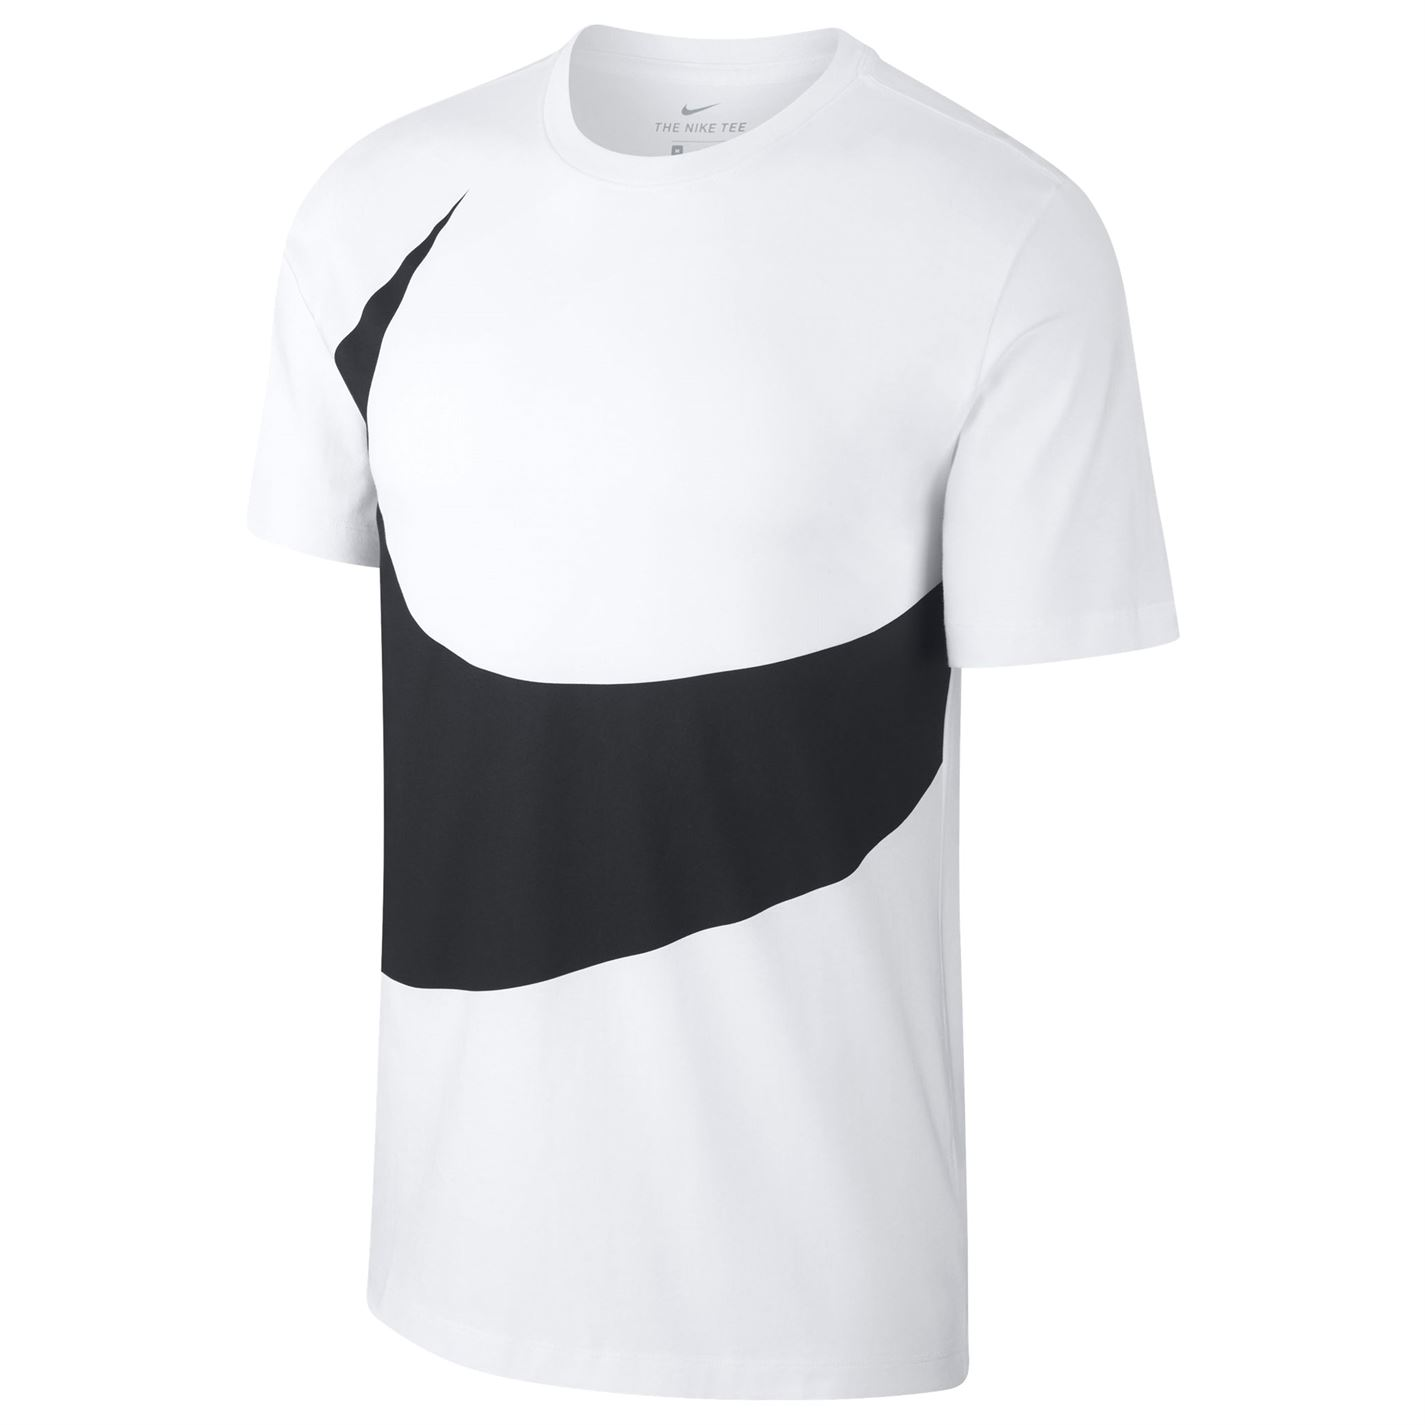 626185f029f27 Triko Nike HBR Swoosh T Shirt pánské White/Black - Glami.sk